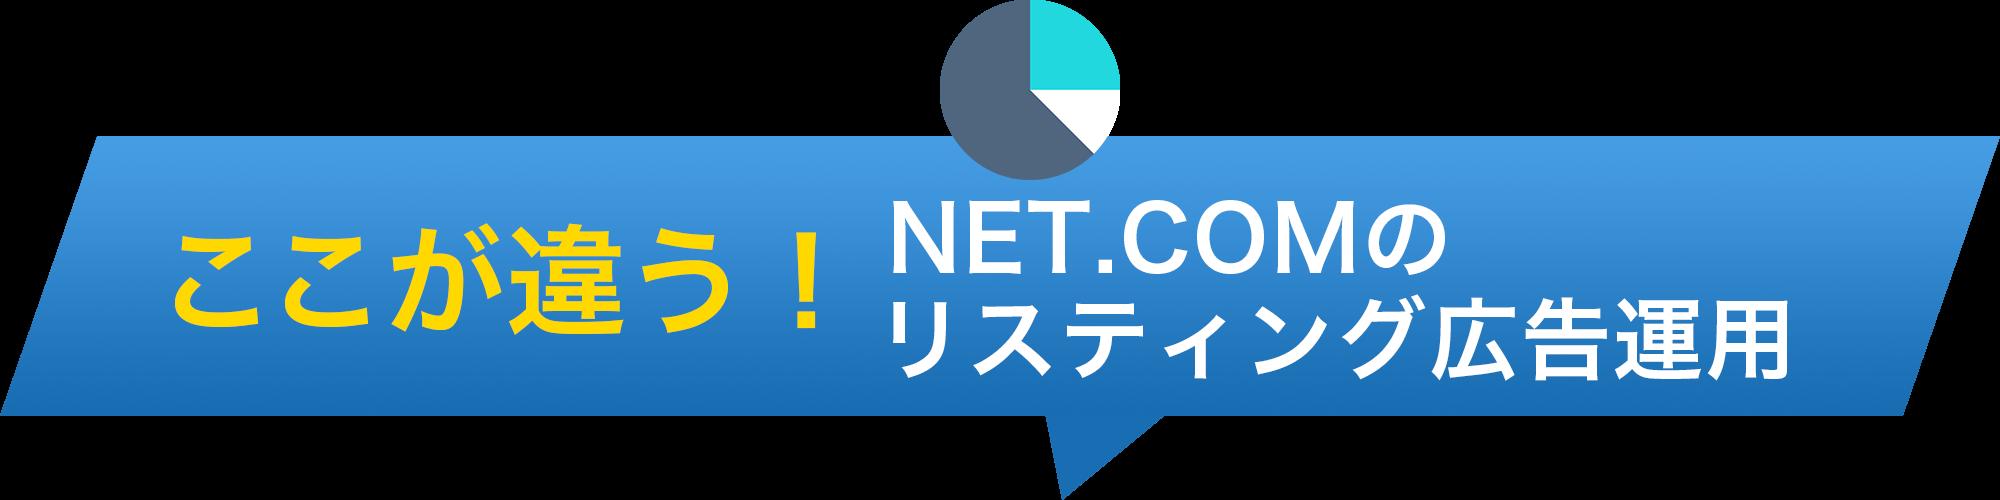 ここが違う!NET.COMのリスティング広告運用